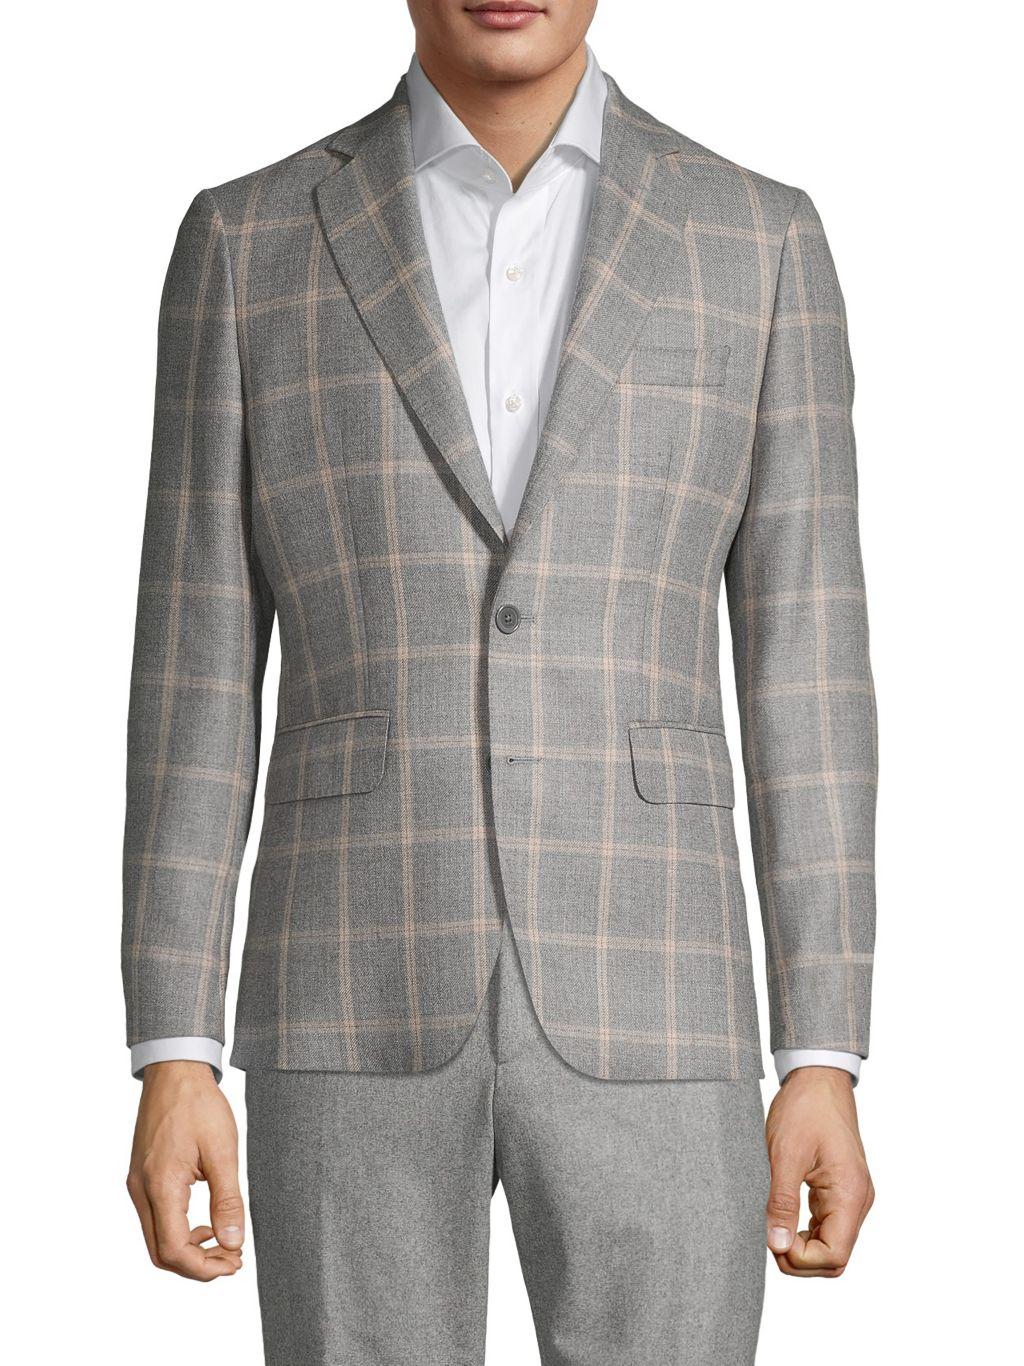 Components by JM Windowpane Virgin Wool & Silk Sportcoat